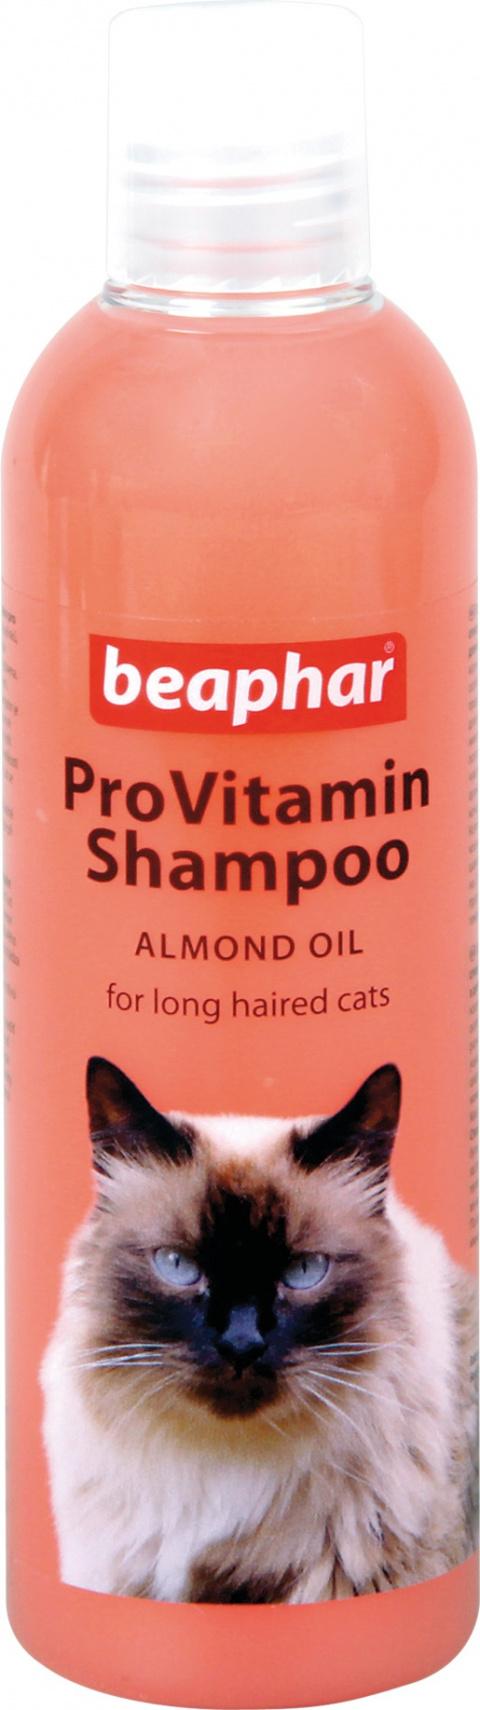 Šampon pro kočky proti zacuchání Beaphar 250 ml